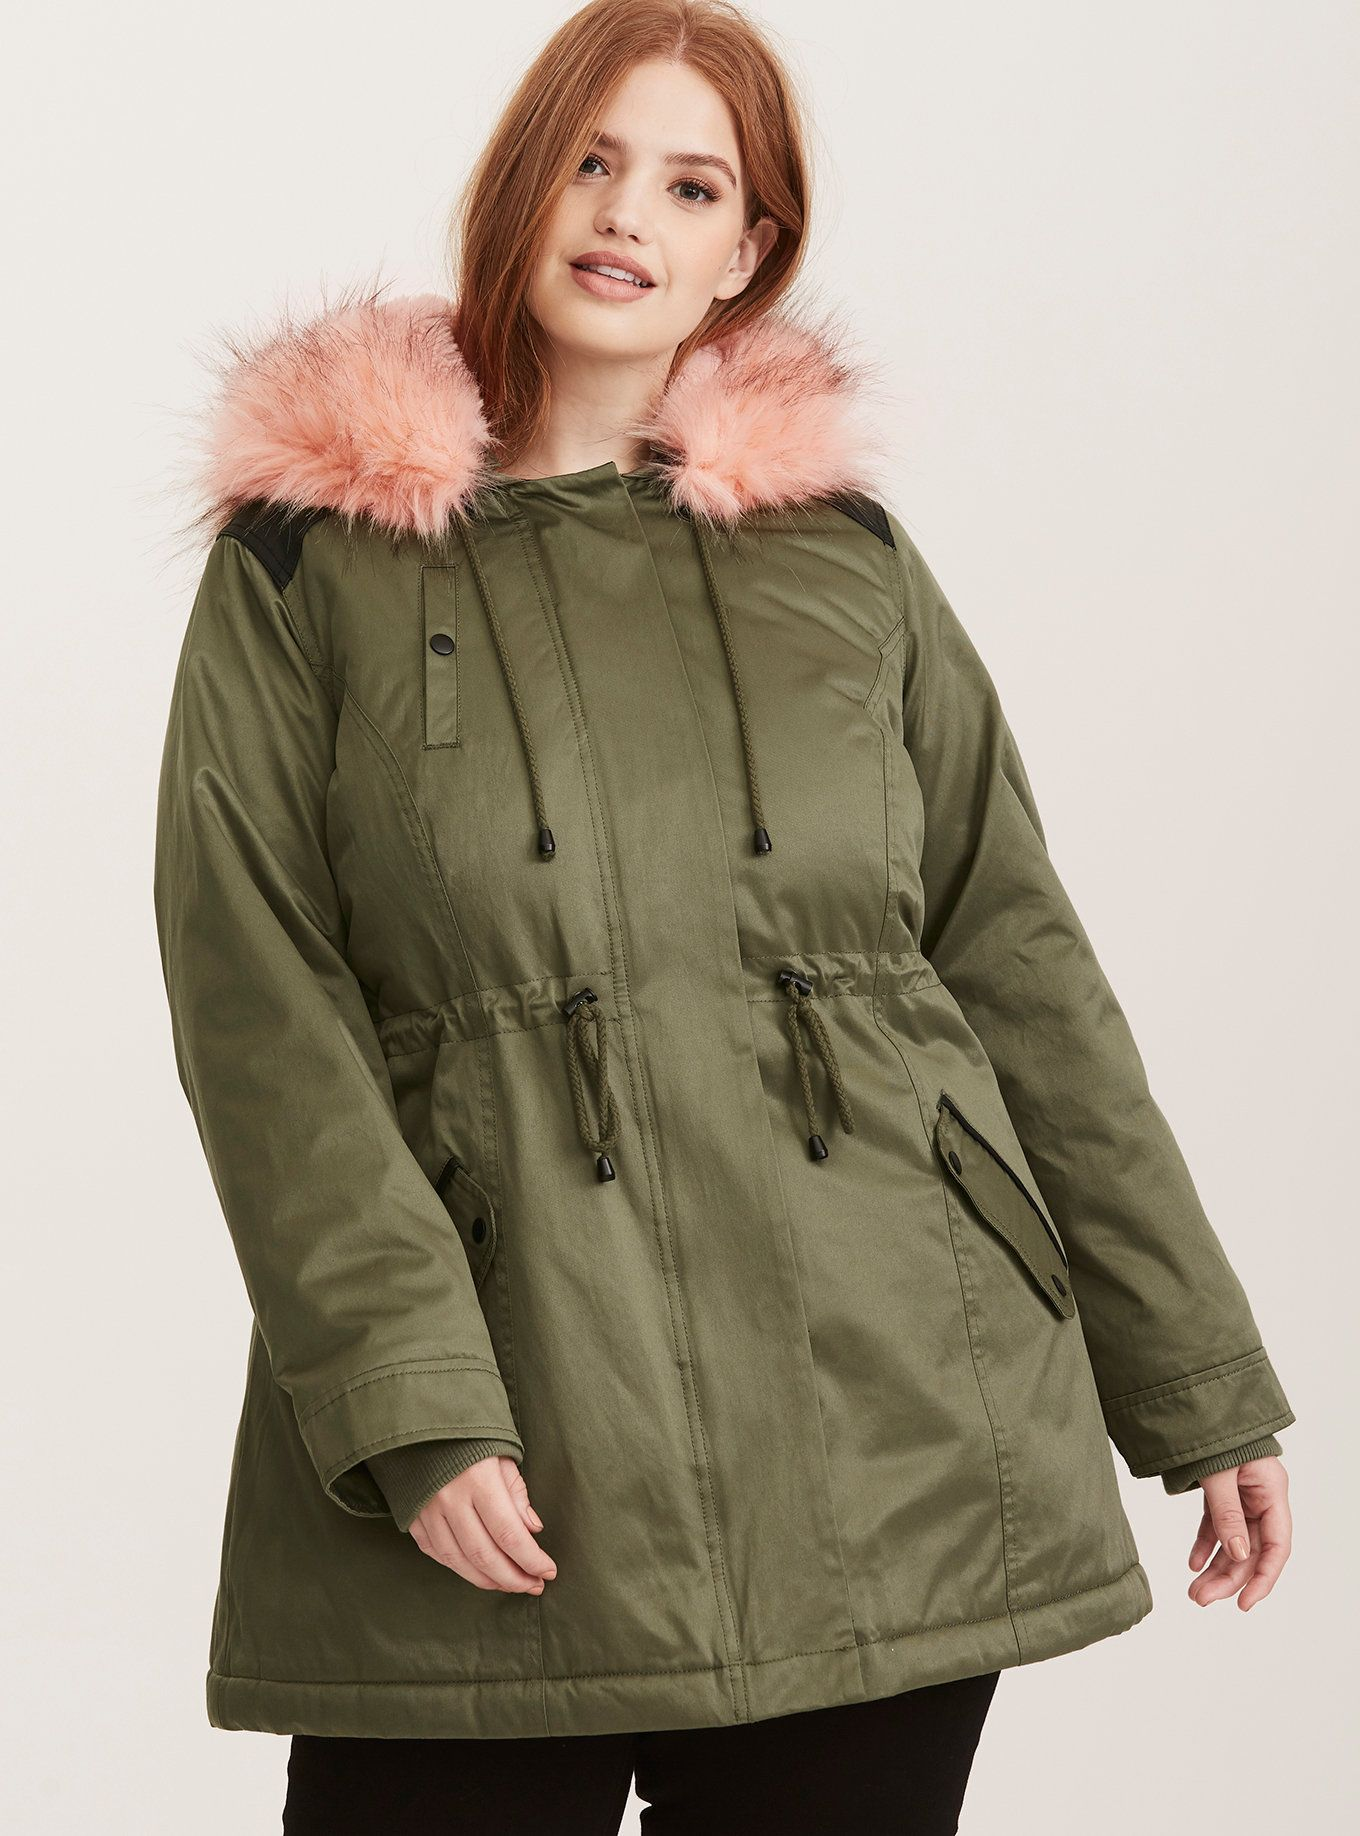 Sherpa Lined Faux Fur Trim Outwear Anorak Jacket Anorak